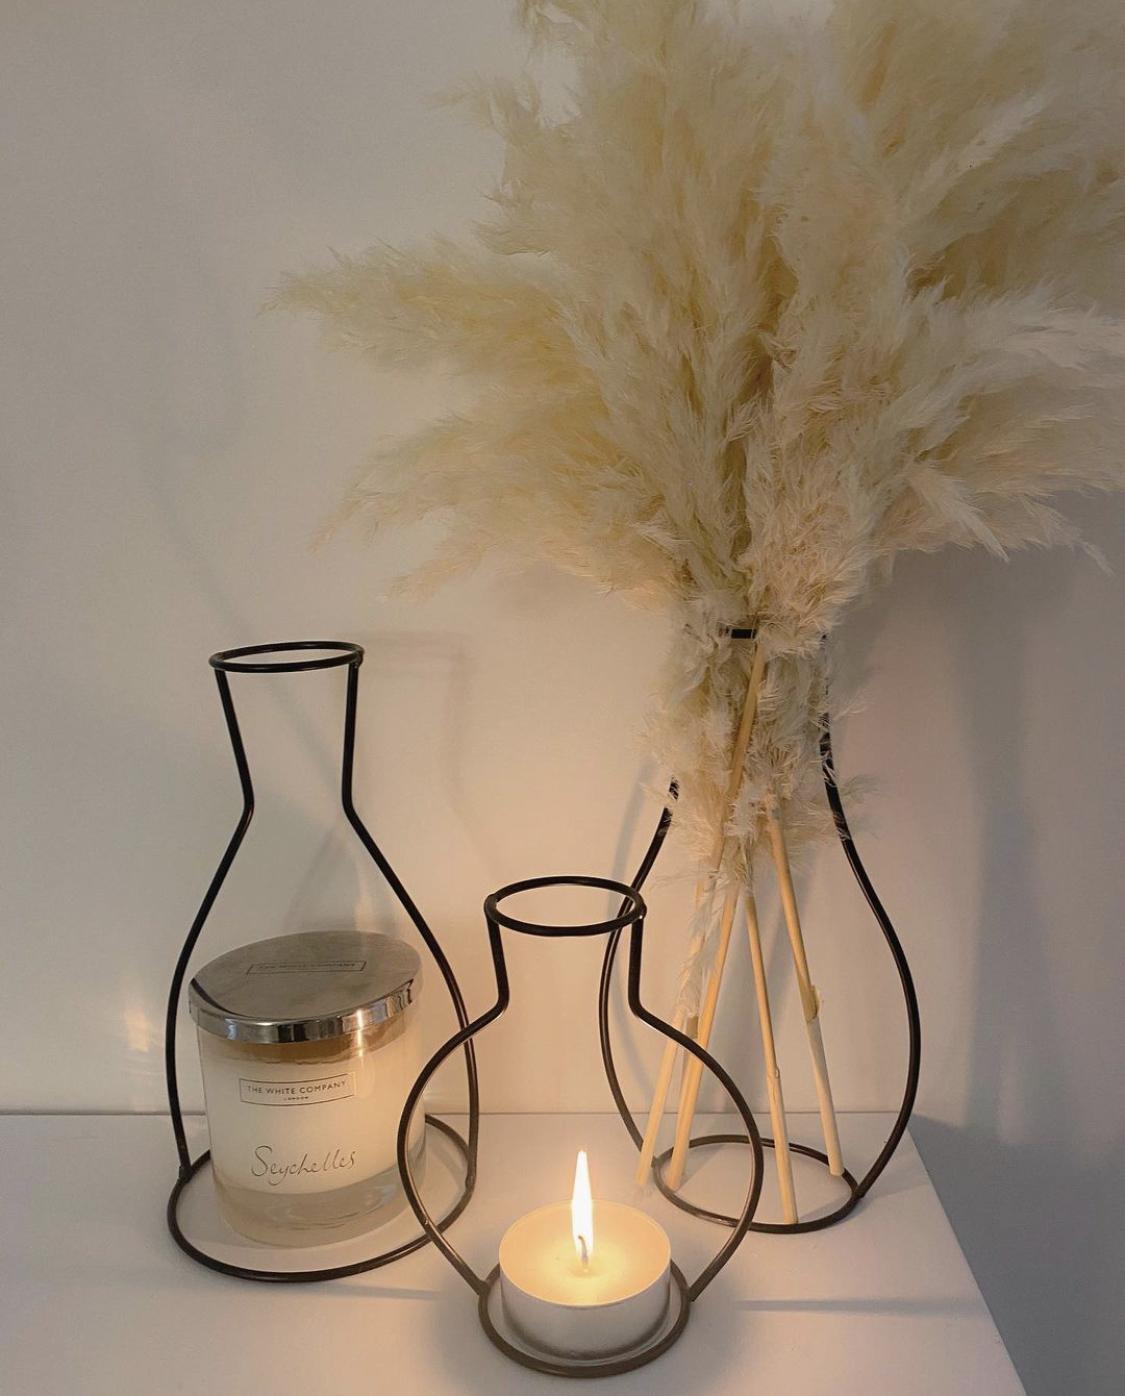 Vasi decorativi minimal